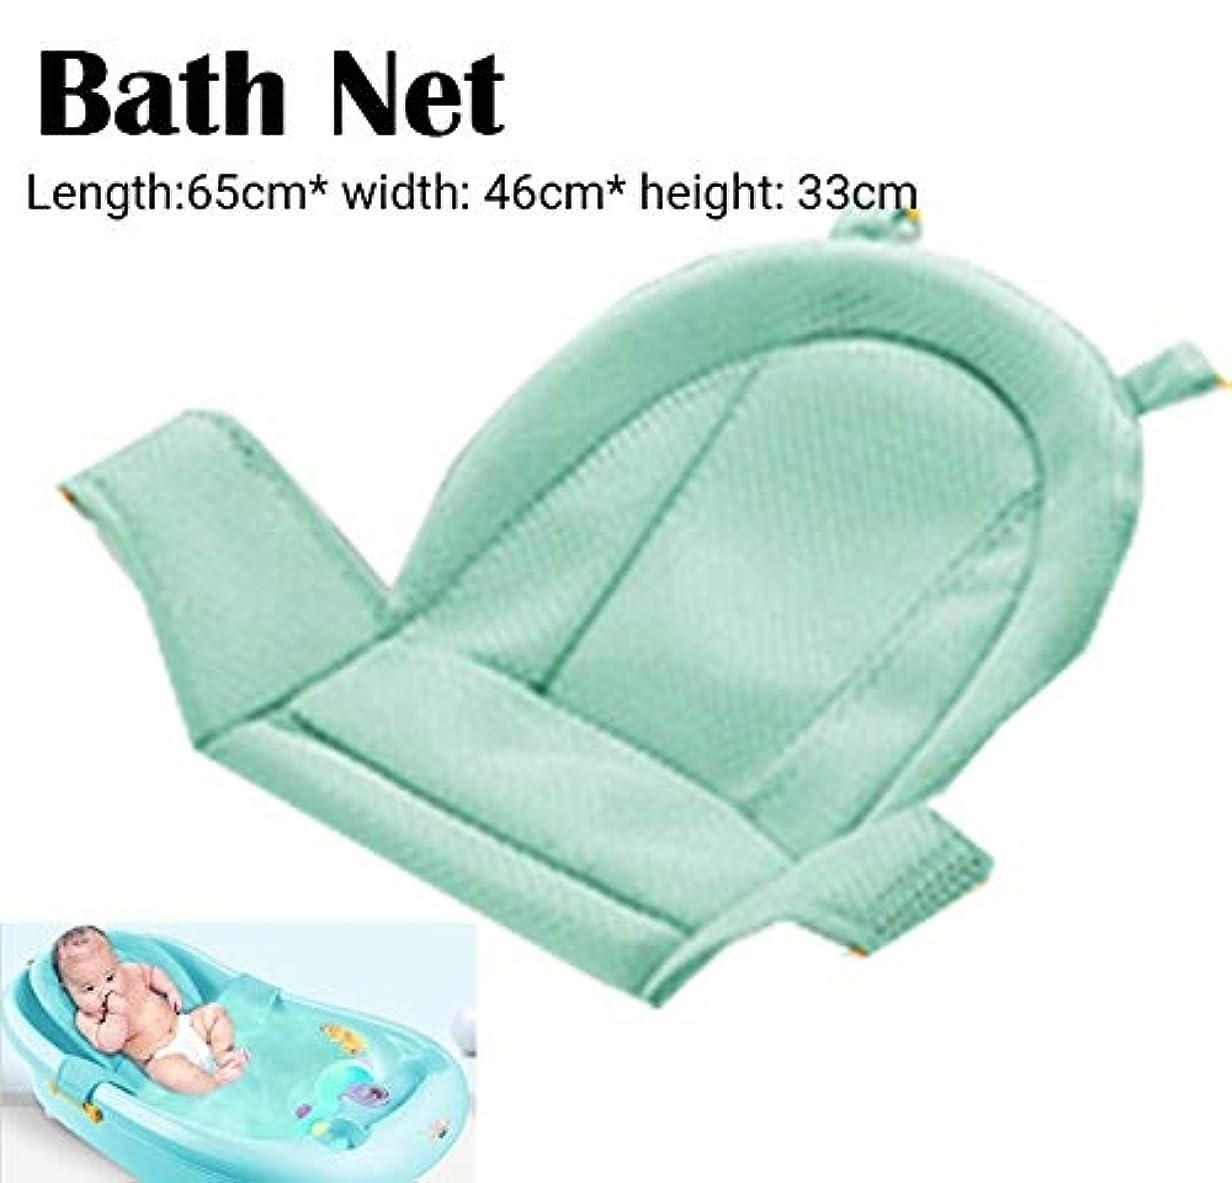 透過性実施するサーキットに行くSMART 漫画ポータブル赤ちゃんノンスリップバスタブシャワー浴槽マット新生児安全セキュリティバスエアクッション折りたたみソフト枕シート クッション 椅子